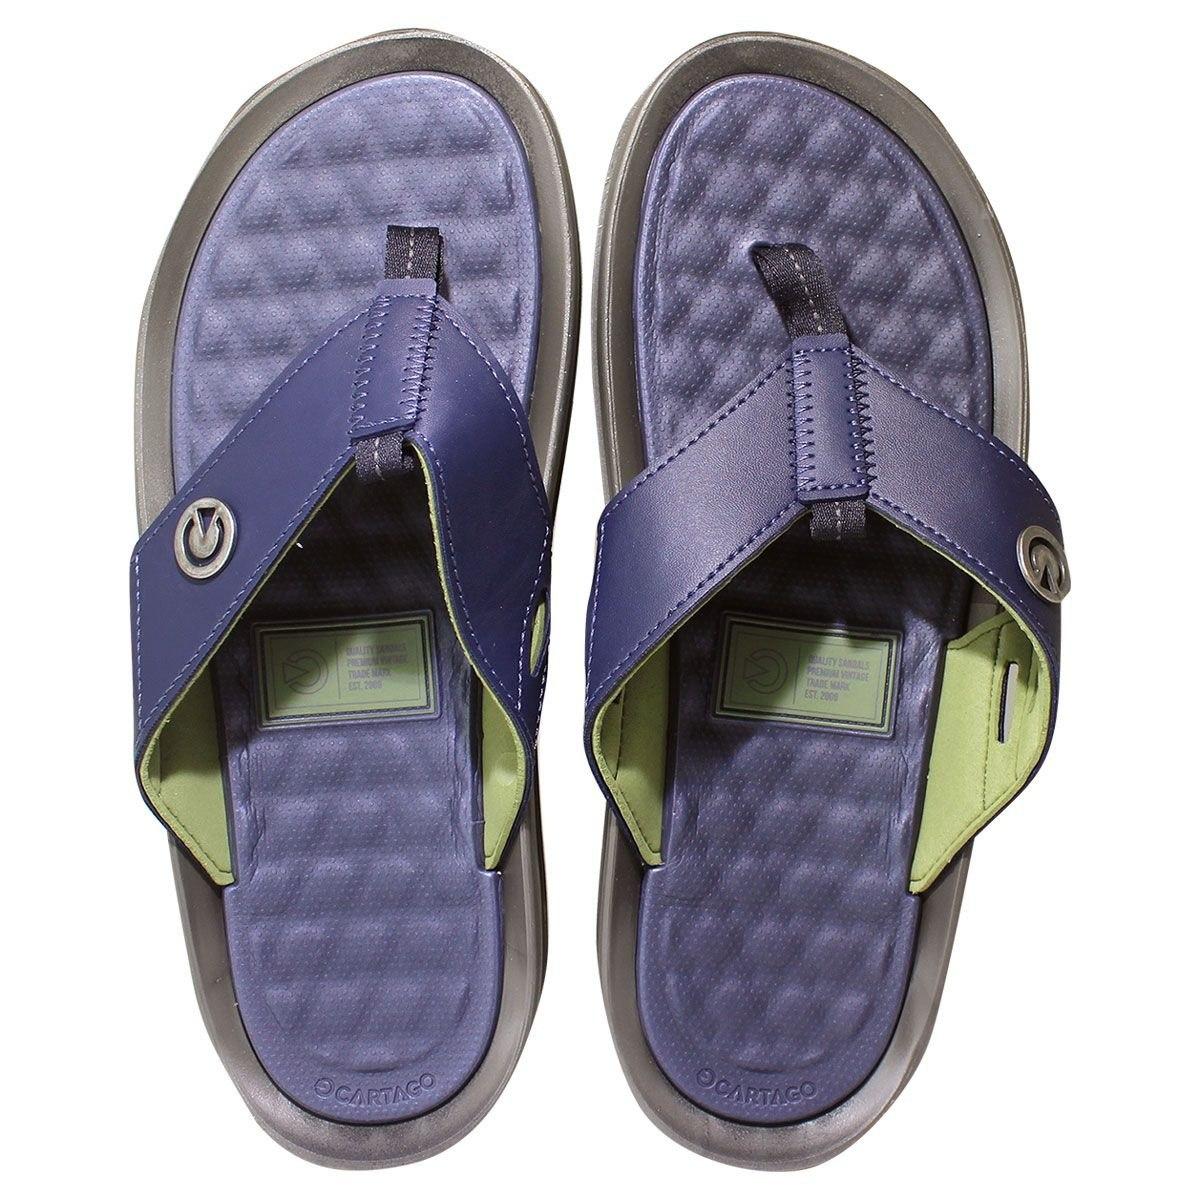 93df9b940 chinelo cartago santorini ii - azul verde - frete grátis. Carregando zoom.